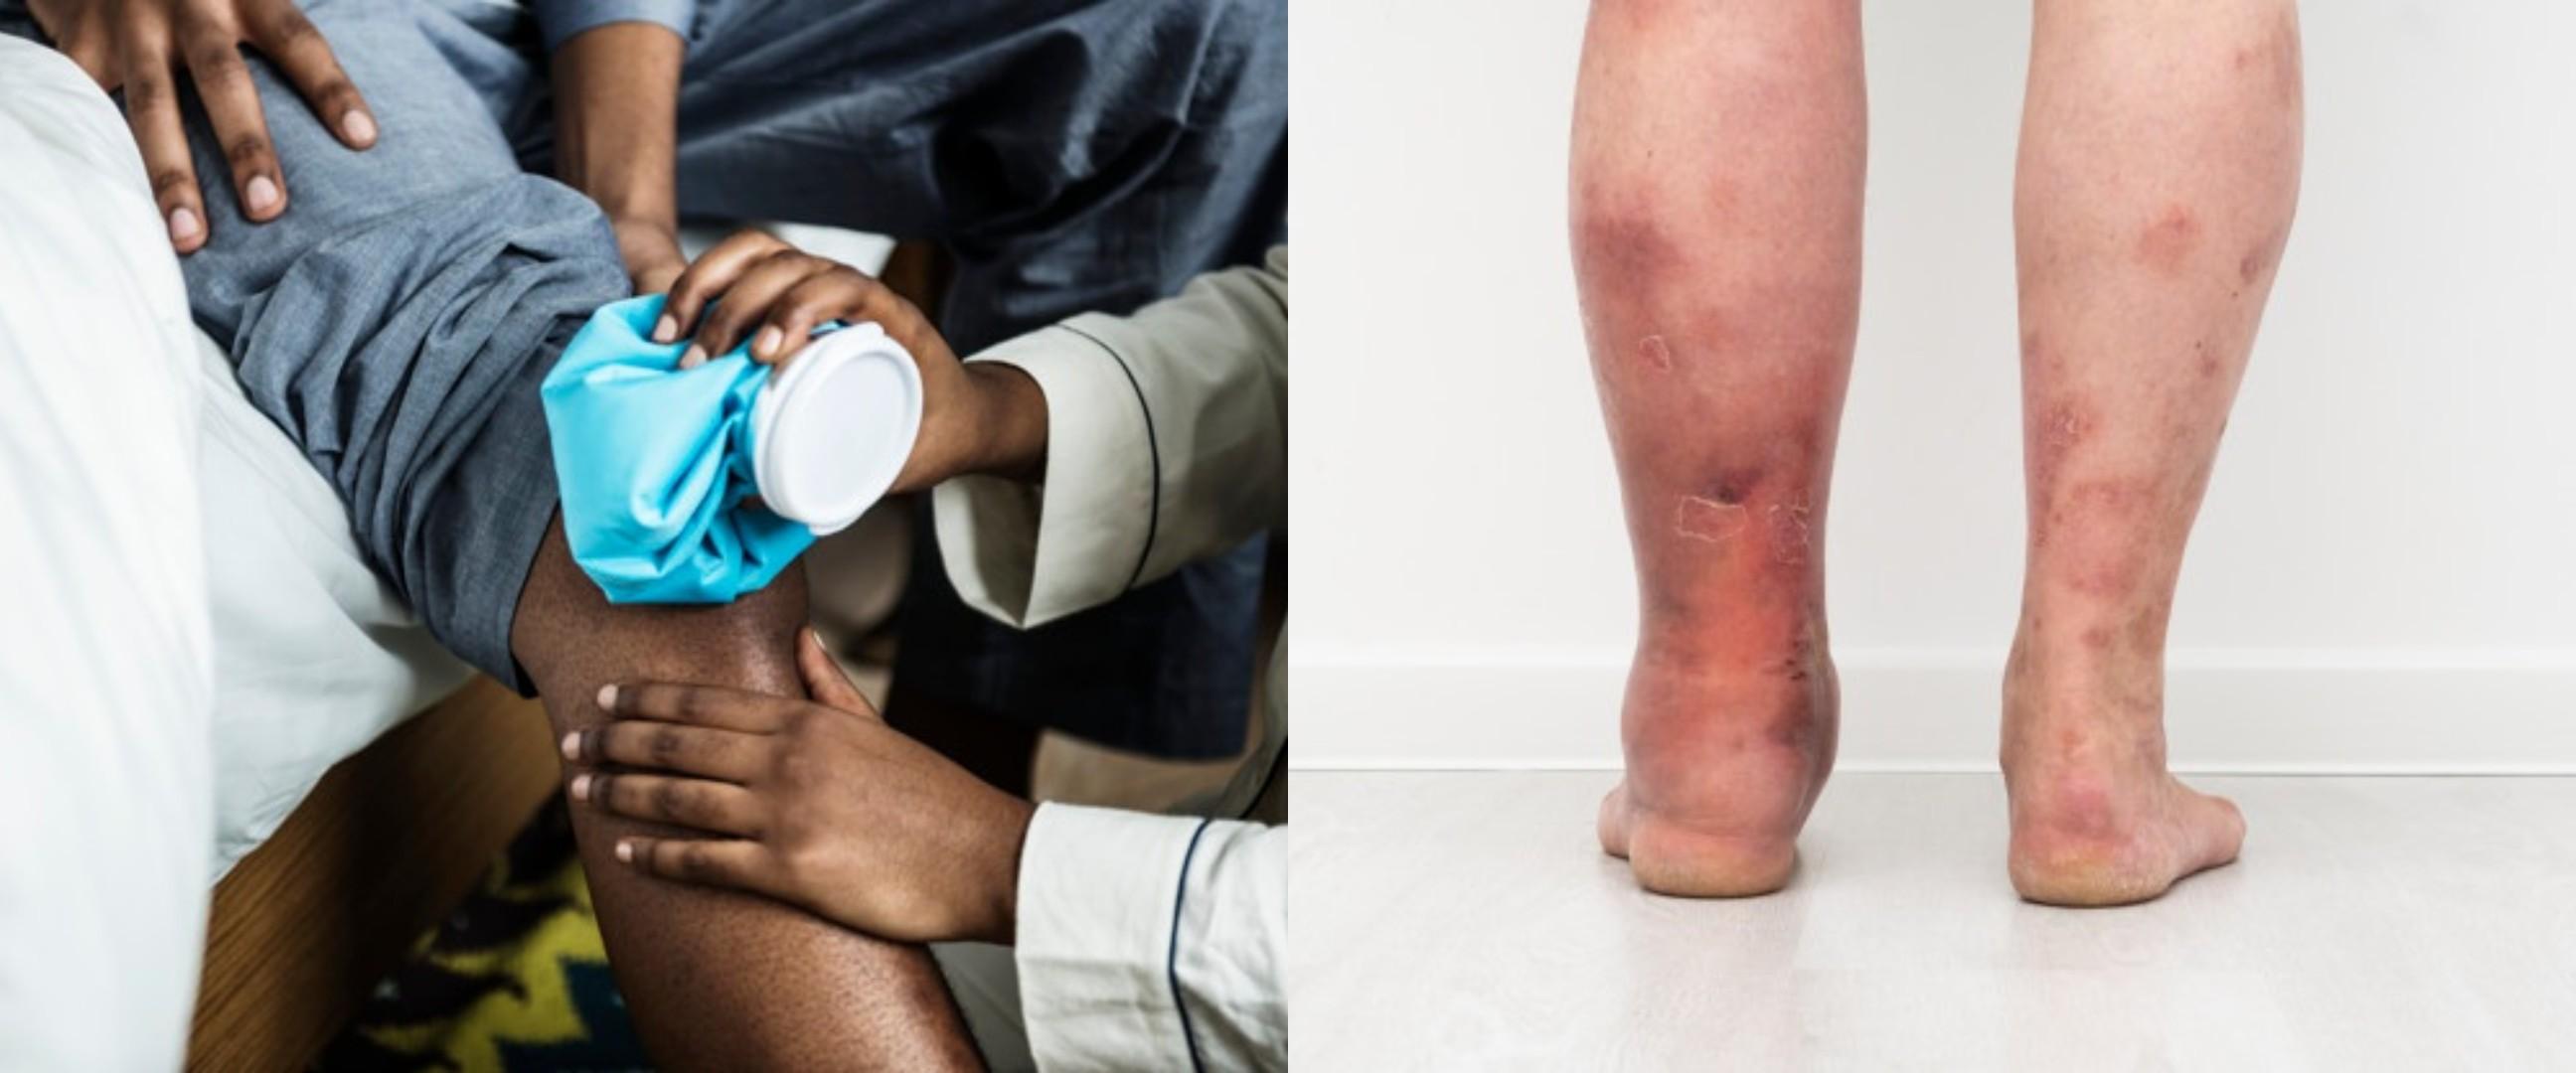 15 Penyebab kaki bengkak yang perlu diwaspadai dan cara mengatasinya